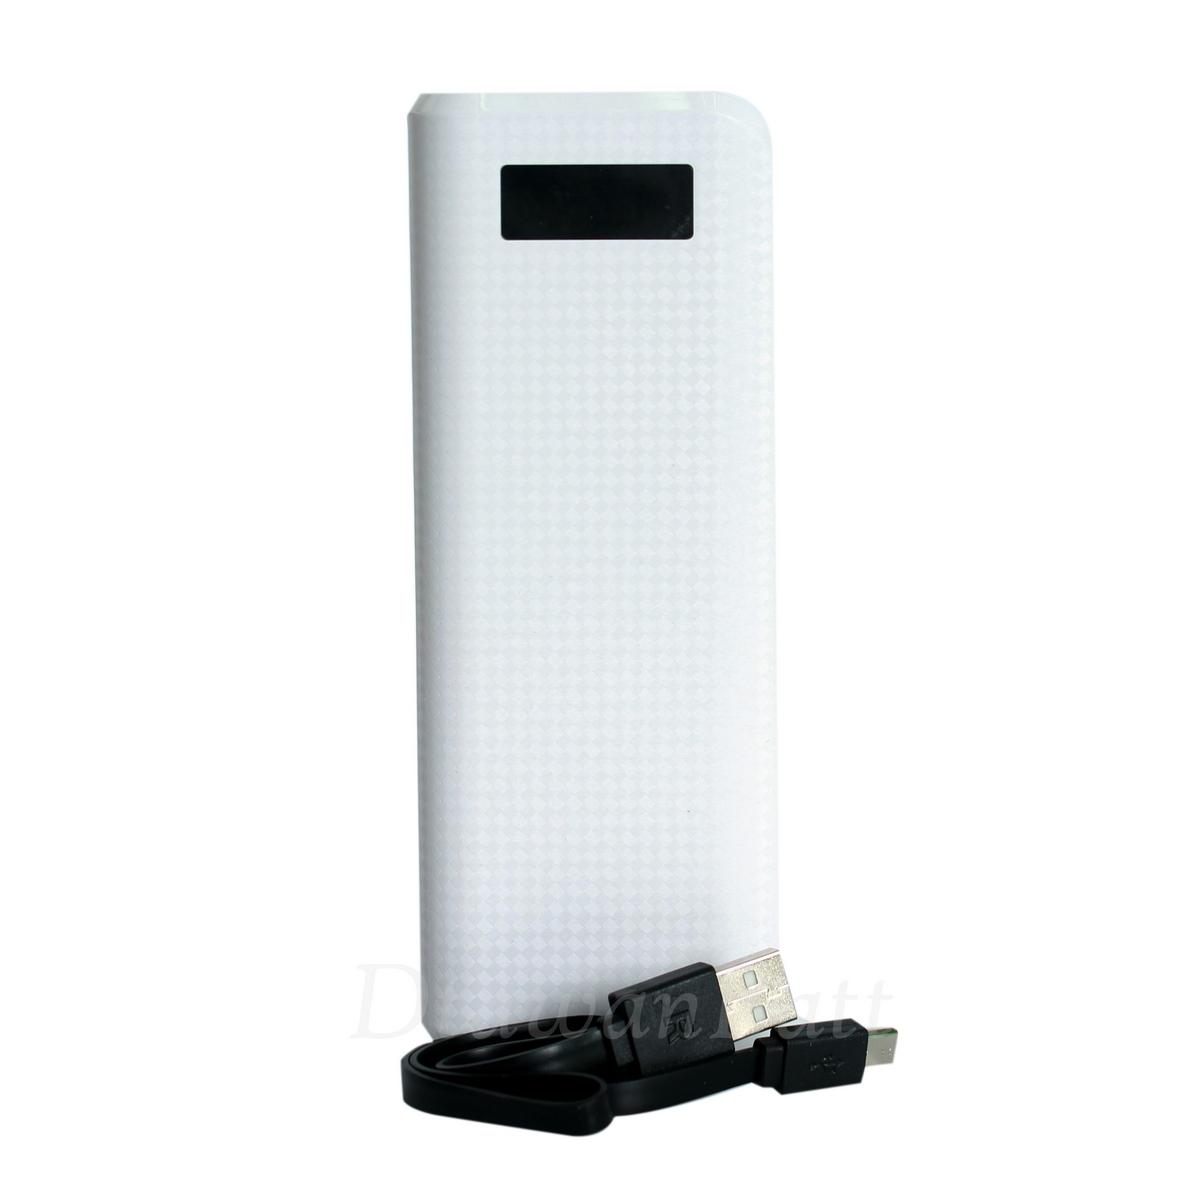 พาวเวอร์แบงค์ Remax Proda,แบตสำรอง Remax Proda,powerbank Remax Proda 20000mah ของแท้ 100% (สีขาว)